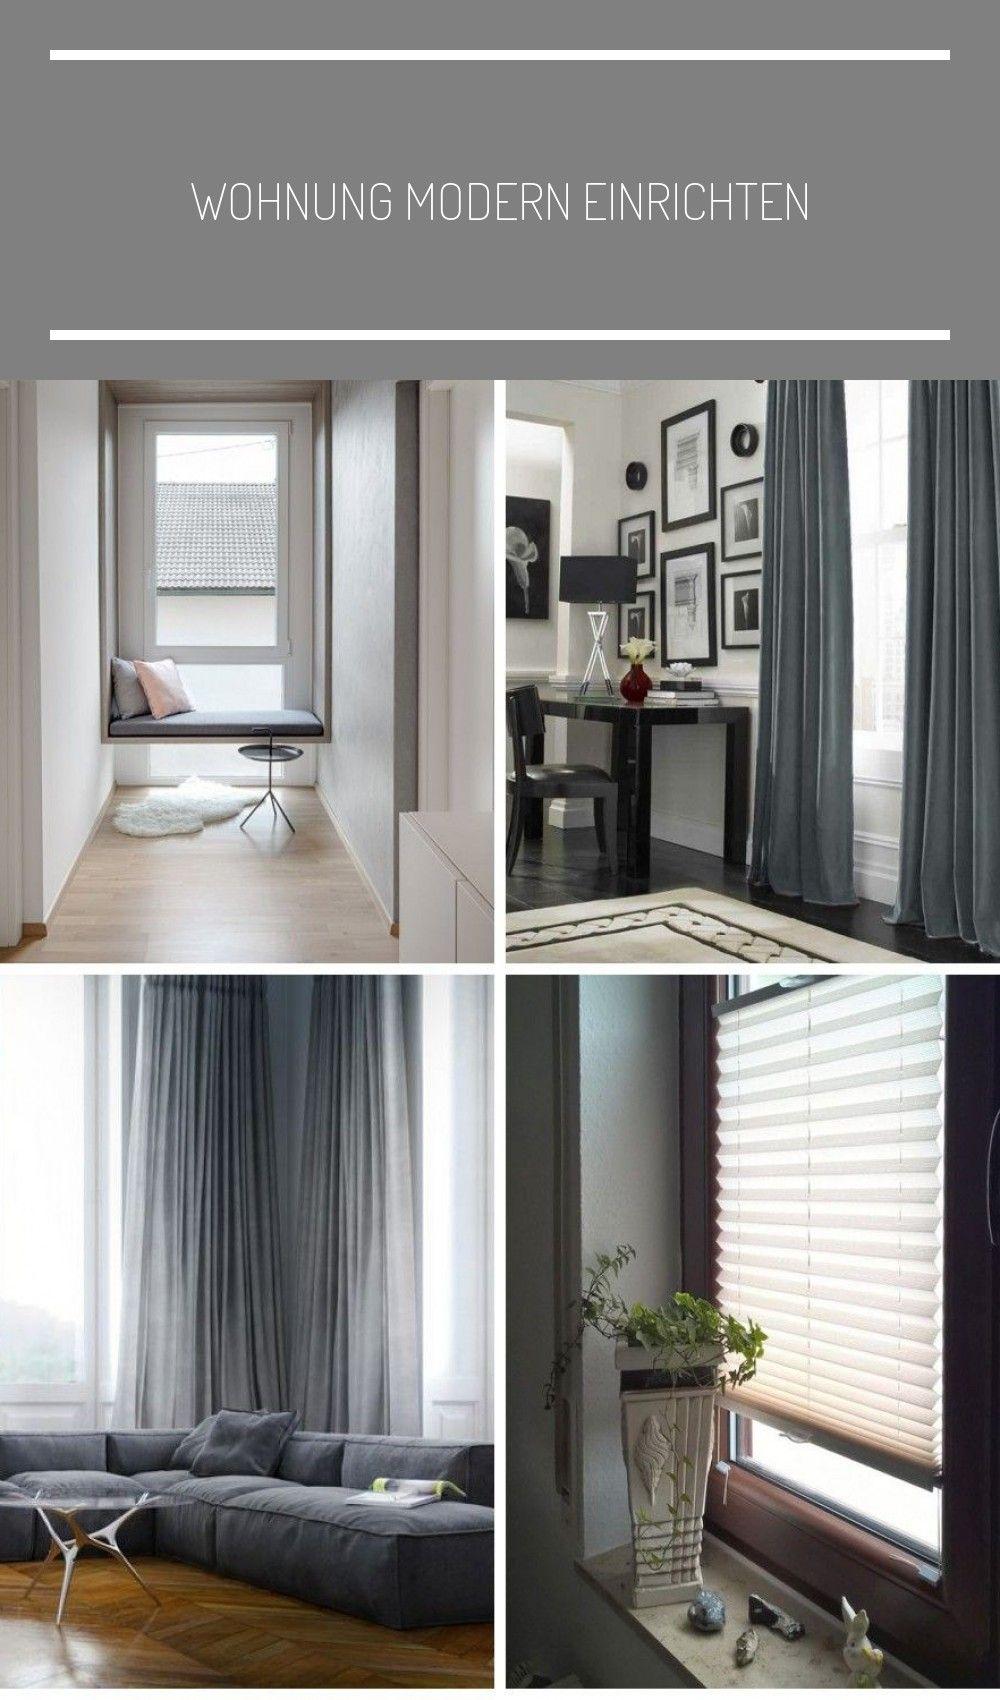 Wohnung Modern Einrichten In 2020 With Images Home Decor Home Modern